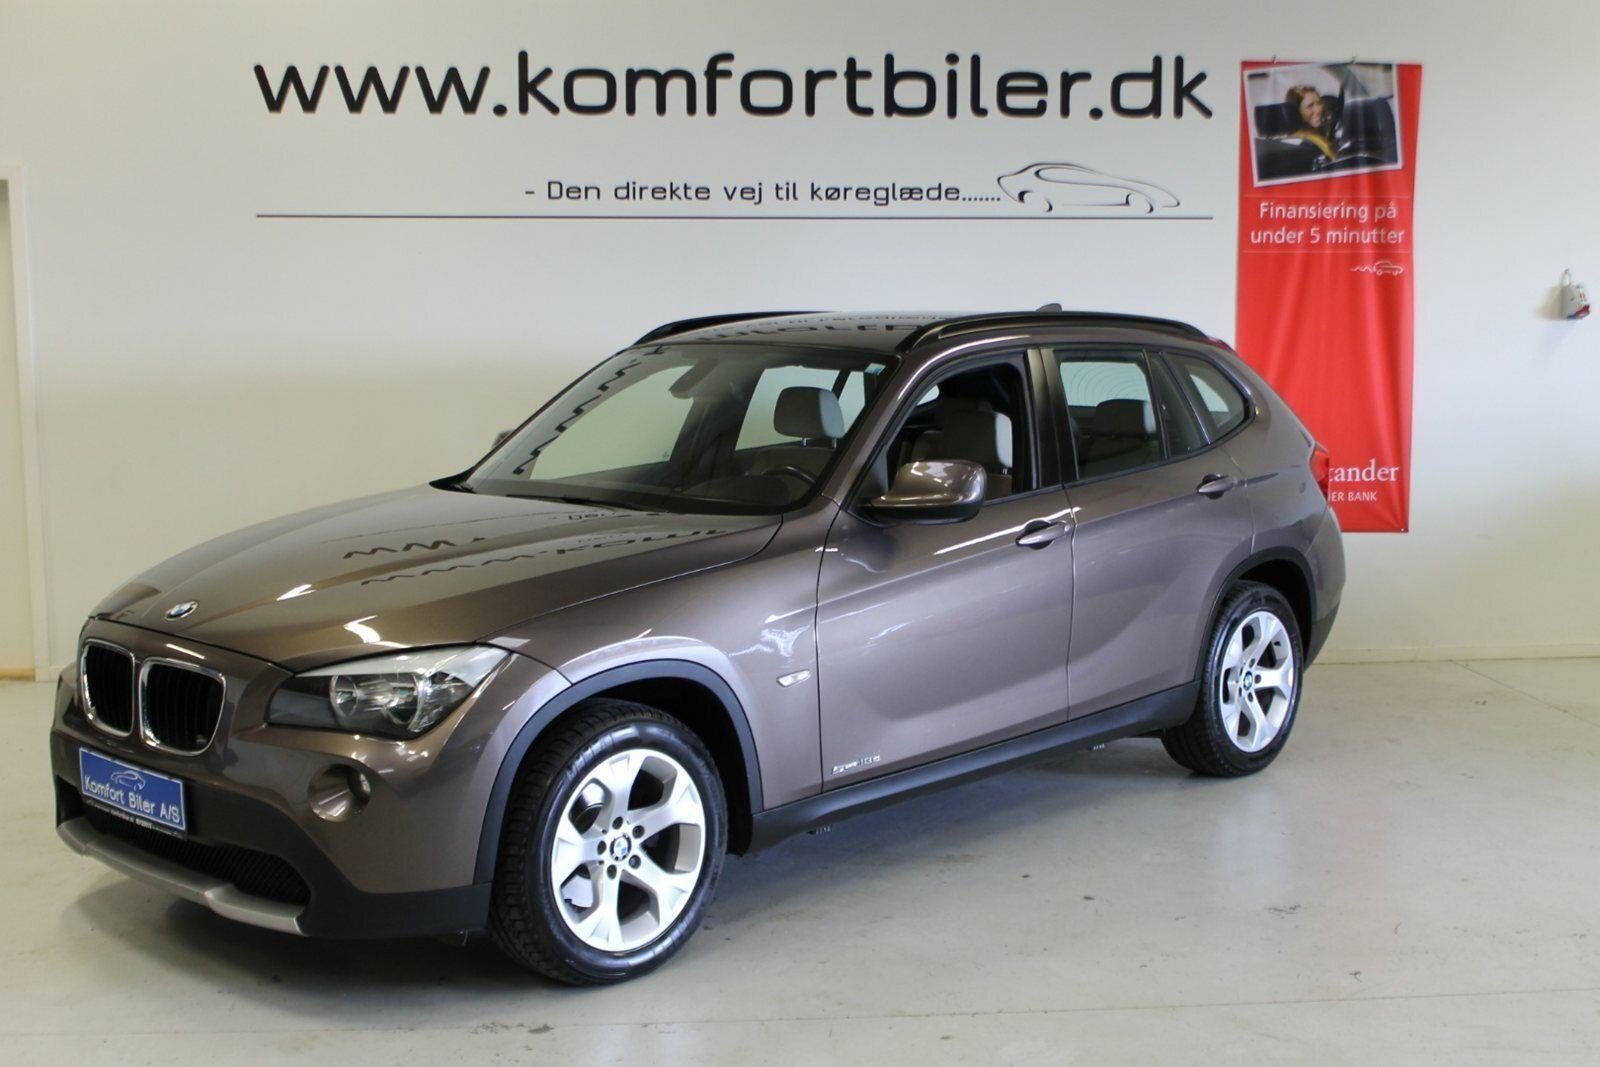 BMW X1 2,0 sDrive18d aut. 5d - 169.900 kr.